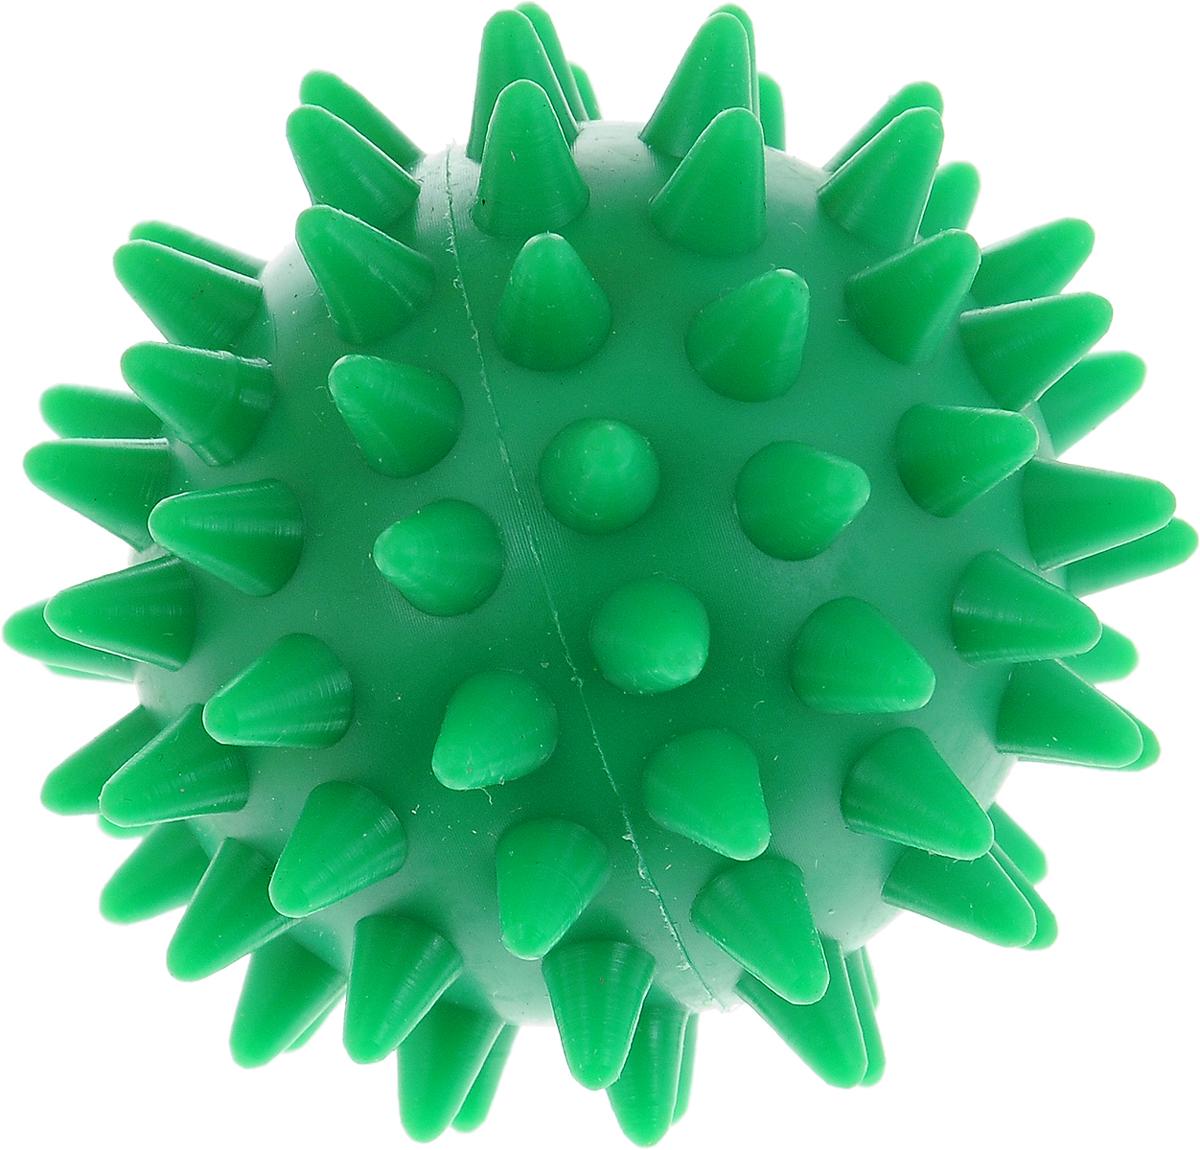 Игрушка для собак V.I.Pet Массажный мяч, цвет: зеленый, диаметр 5,5 смBL11-015-55_зеленыйИгрушка для собак V.I.Pet Массажный мяч, изготовленная из ПВХ, предназначена для массажа и самомассажа рефлексогенных зон. Она имеет мягкие закругленные массажные шипы, эффективно массирующие и не травмирующие кожу. Игрушка не позволит скучать вашему питомцу ни дома, ни на улице. Диаметр: 5,5 см.